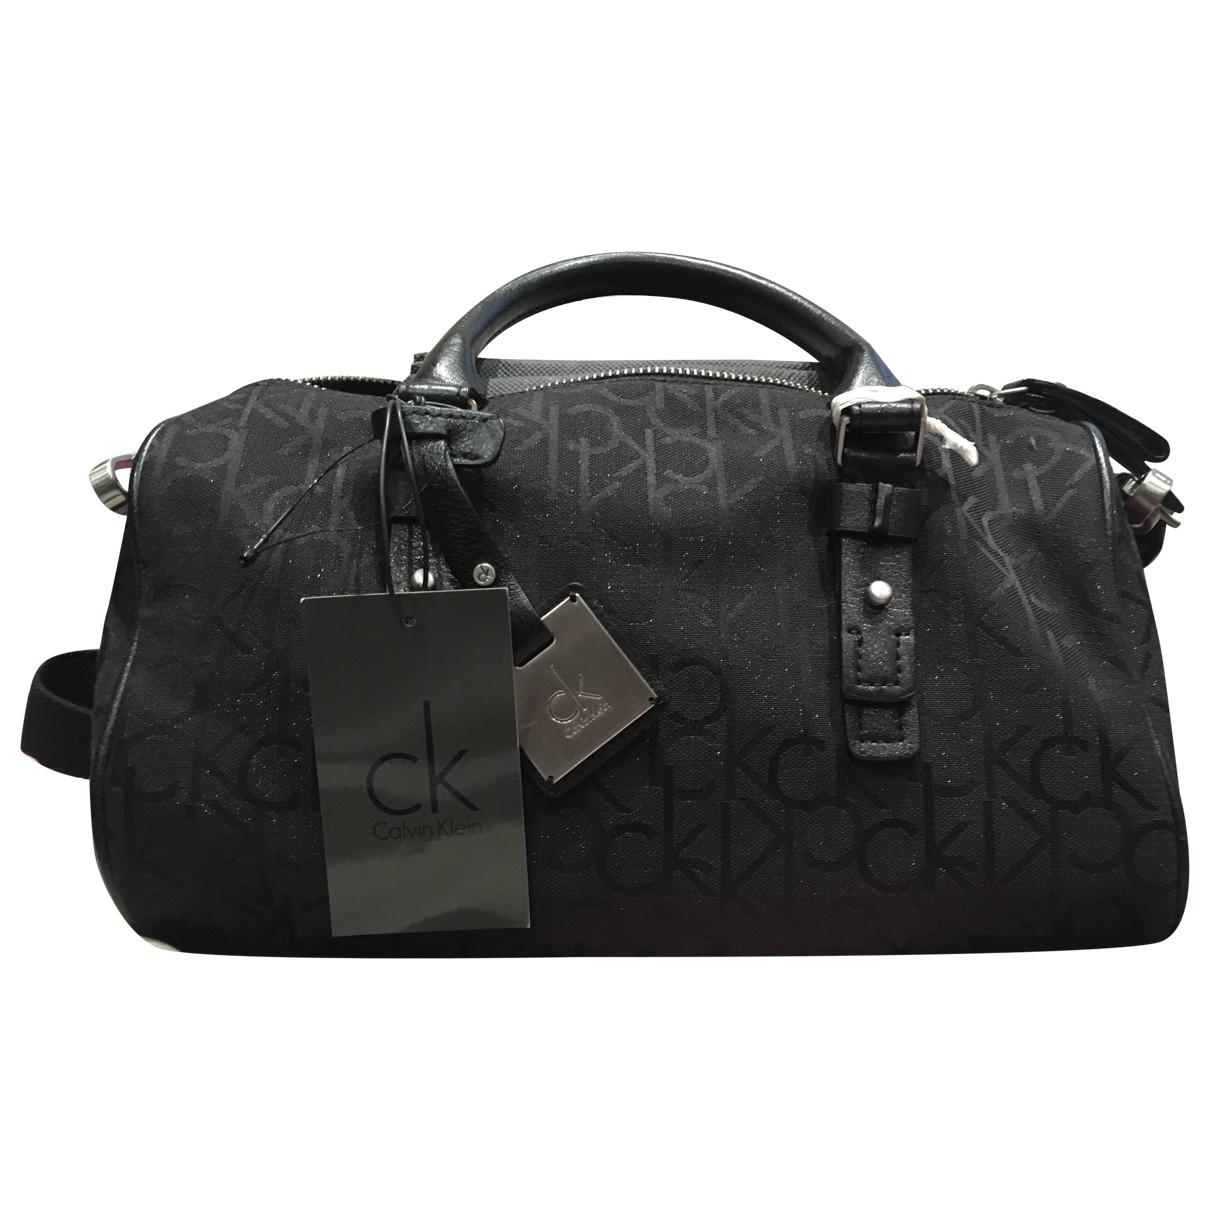 Calvin Klein \N Handtasche in  Schwarz Synthetik